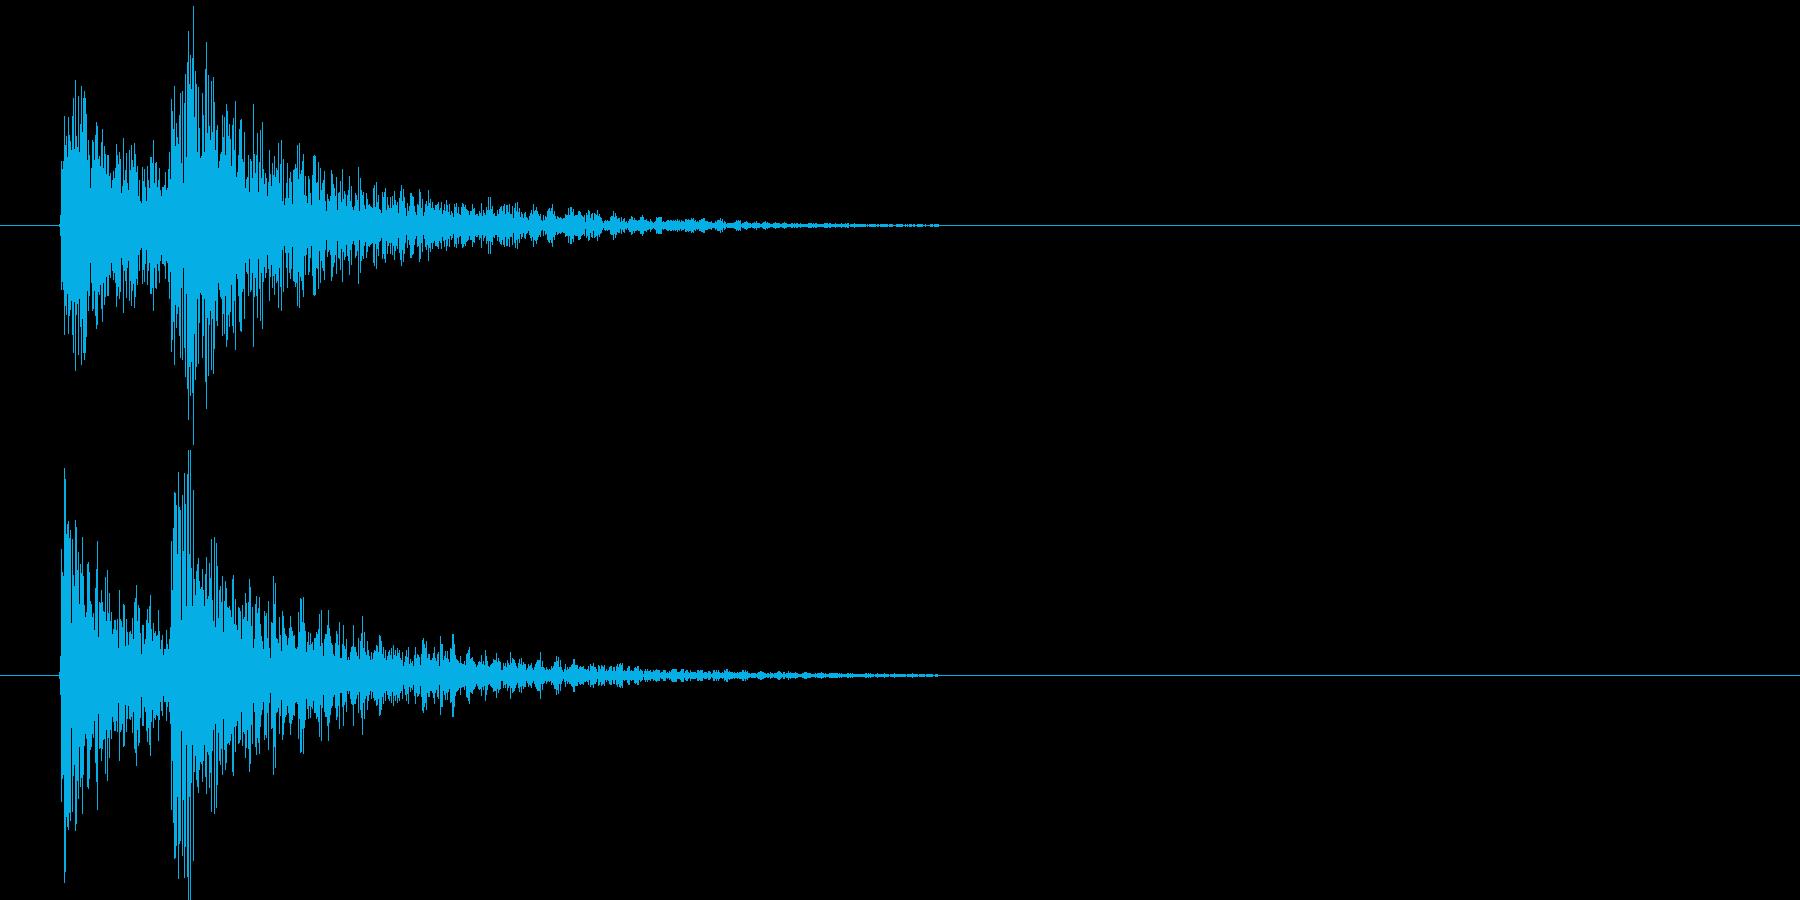 デデンと派手にキャラクターが登場するSEの再生済みの波形